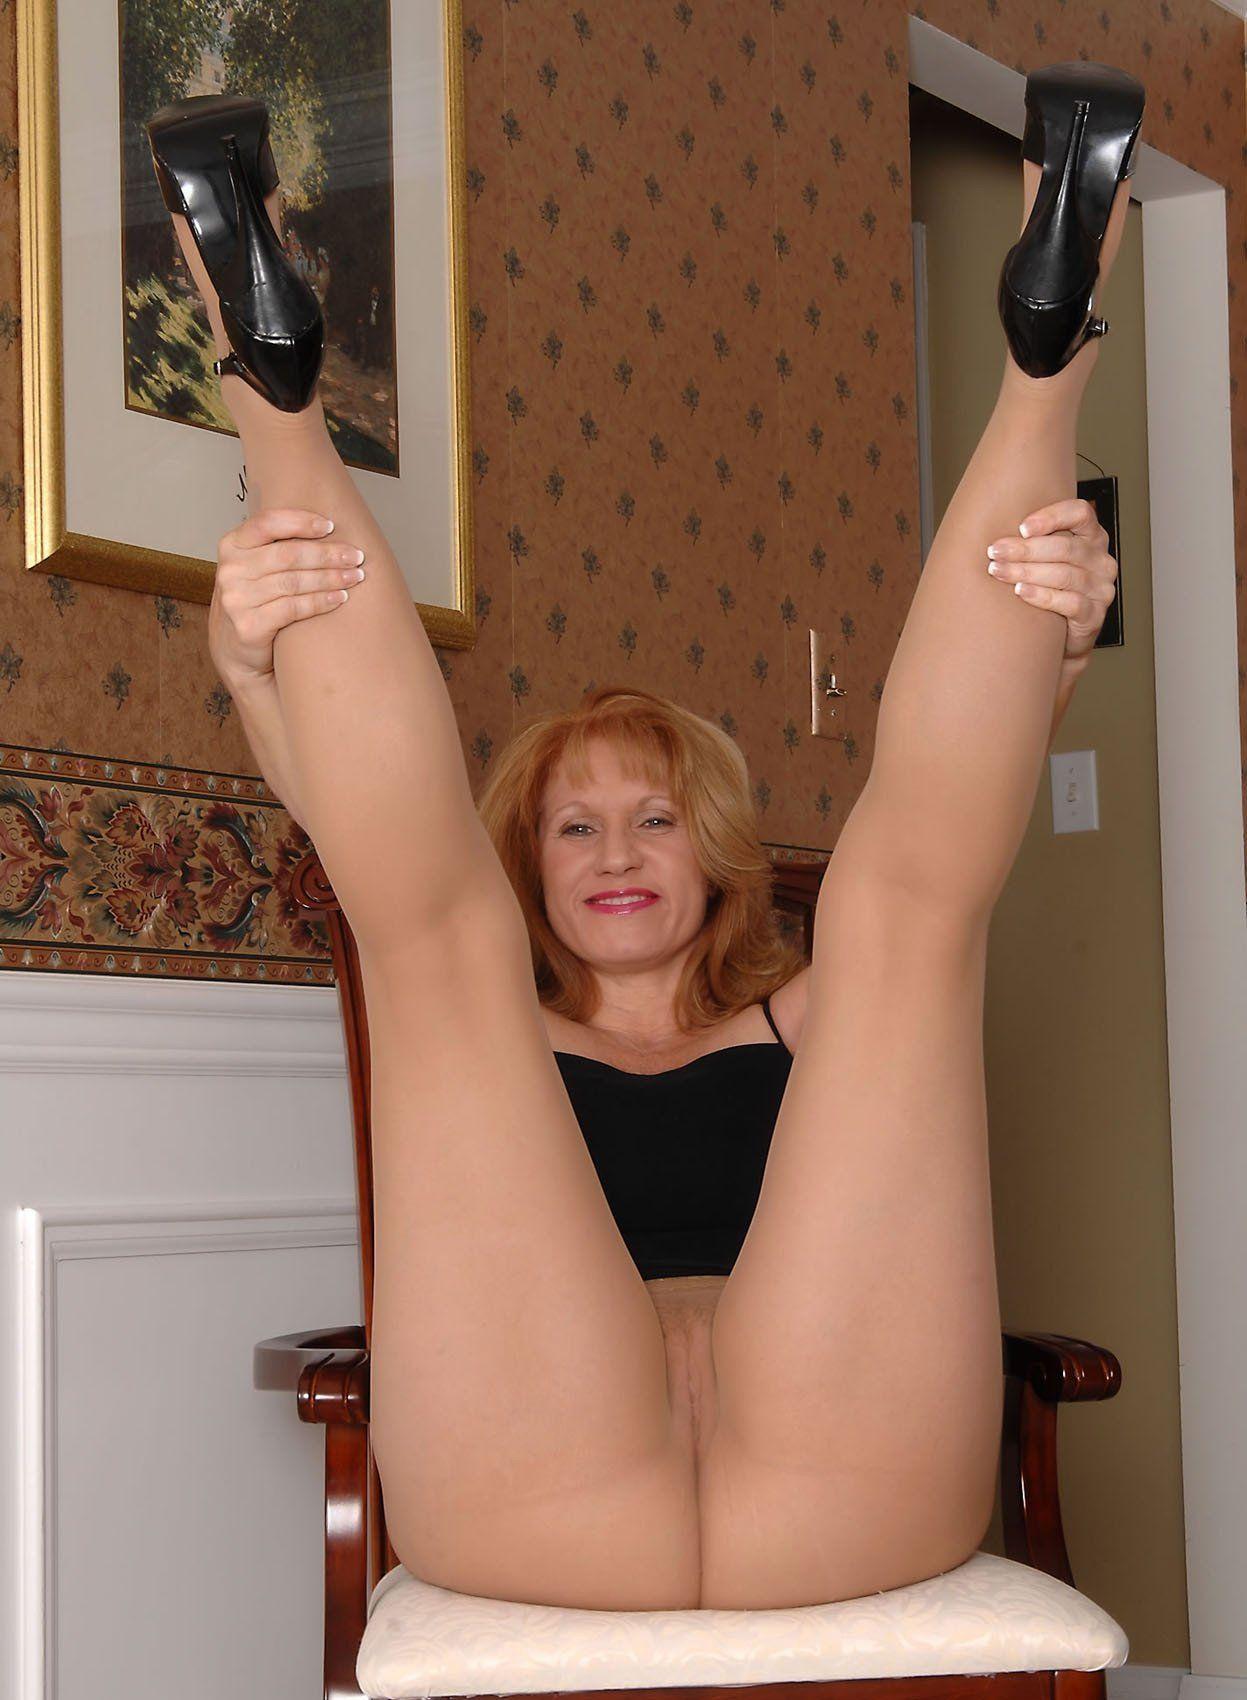 Naked girlsg blow jobs